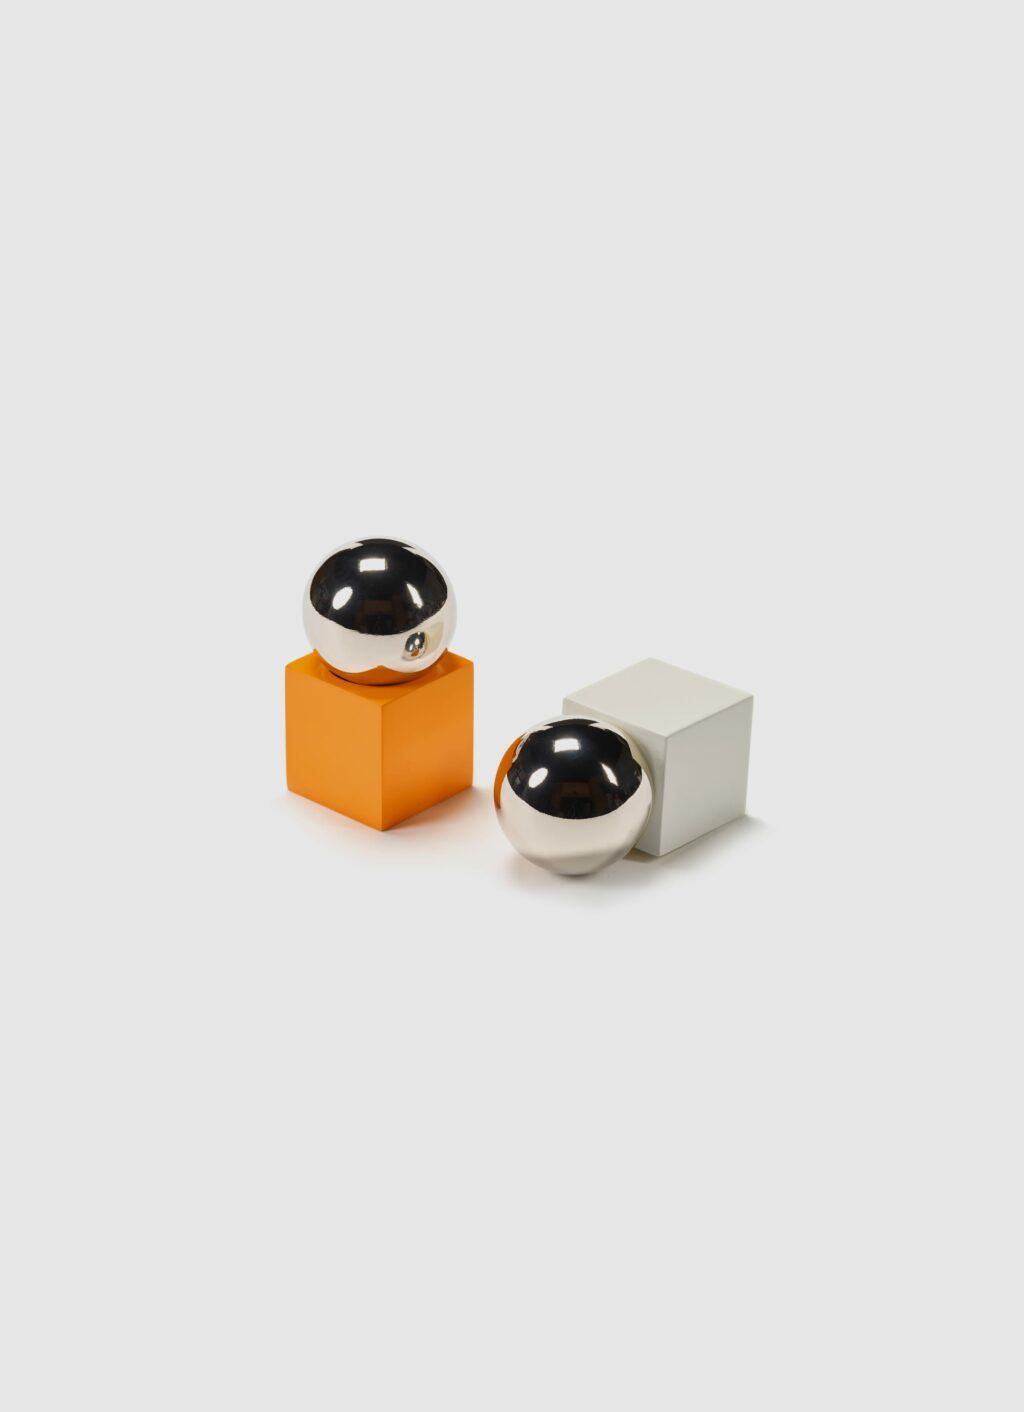 Valerie Objects - Muller van Severen - Salt and Pepper Mill